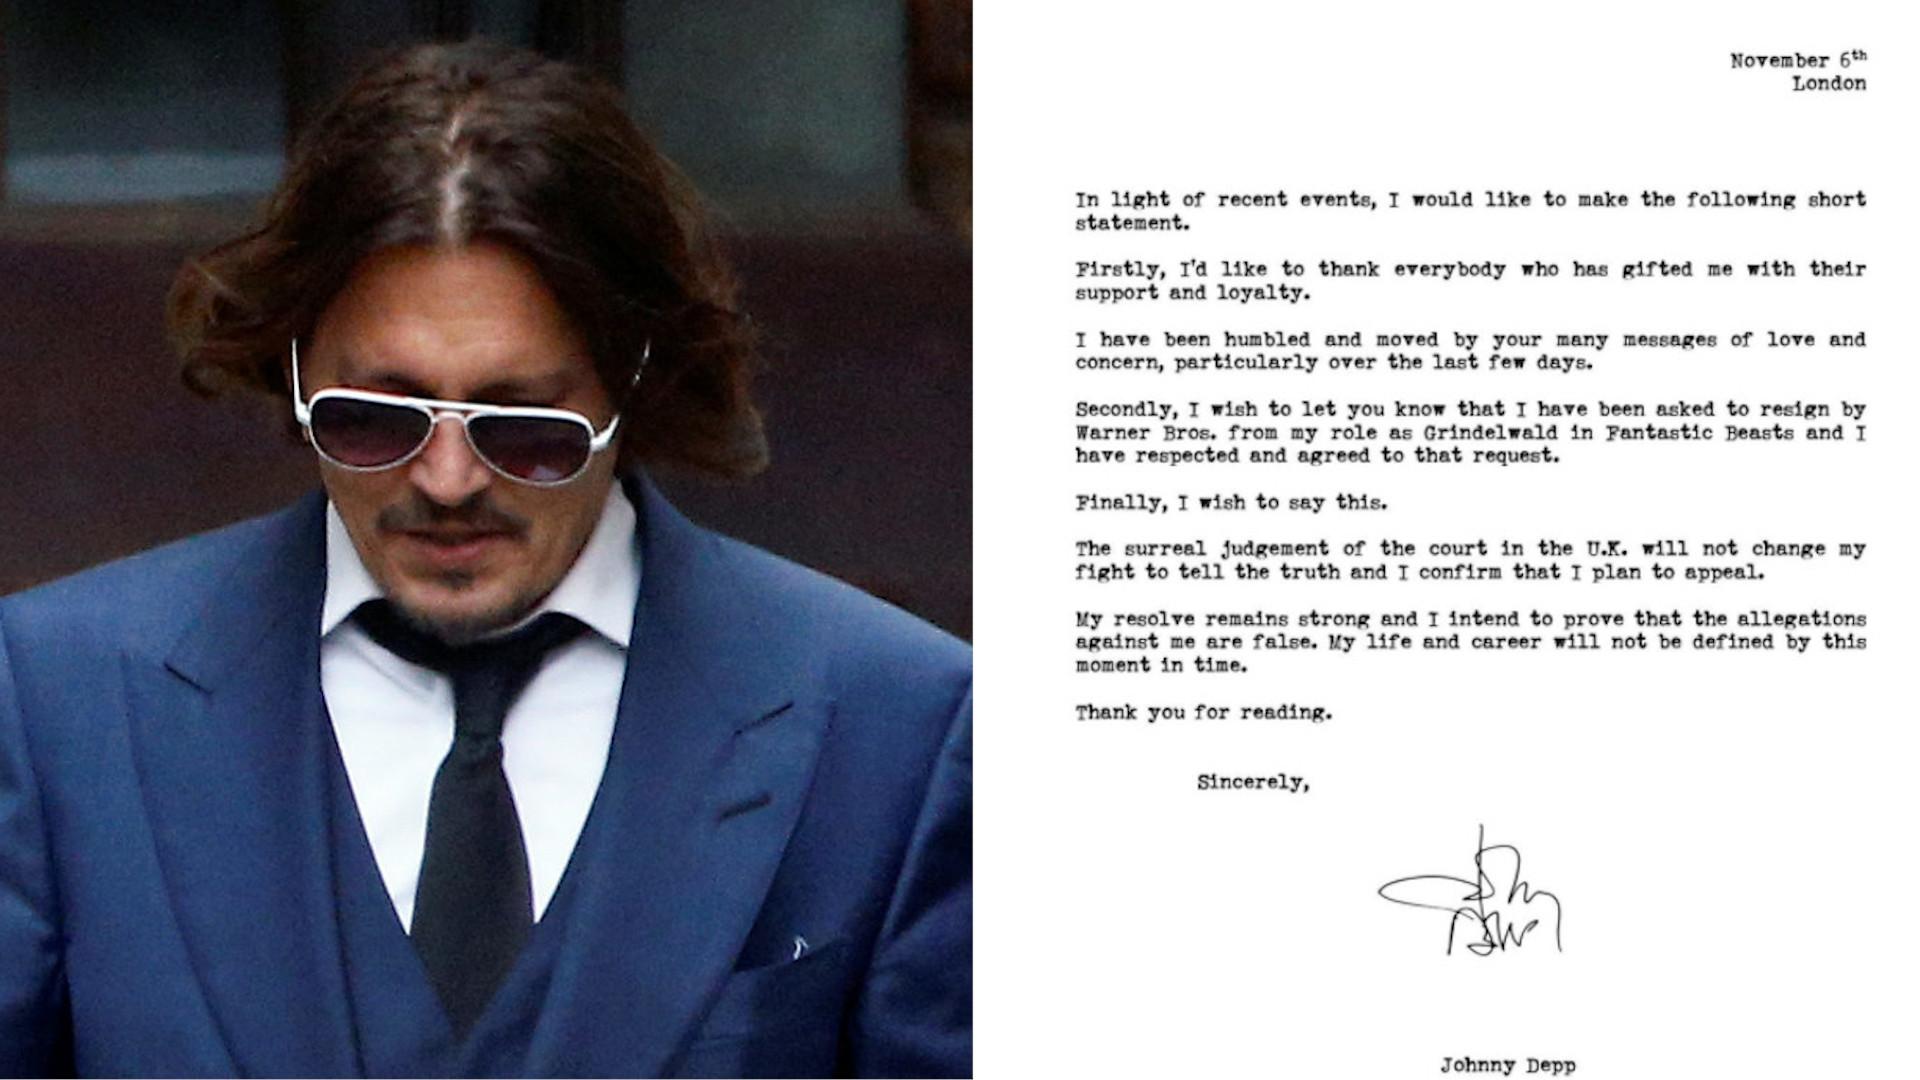 Johnny Depp stracił rolę po przegranym procesie. Wydał oświadczenie!